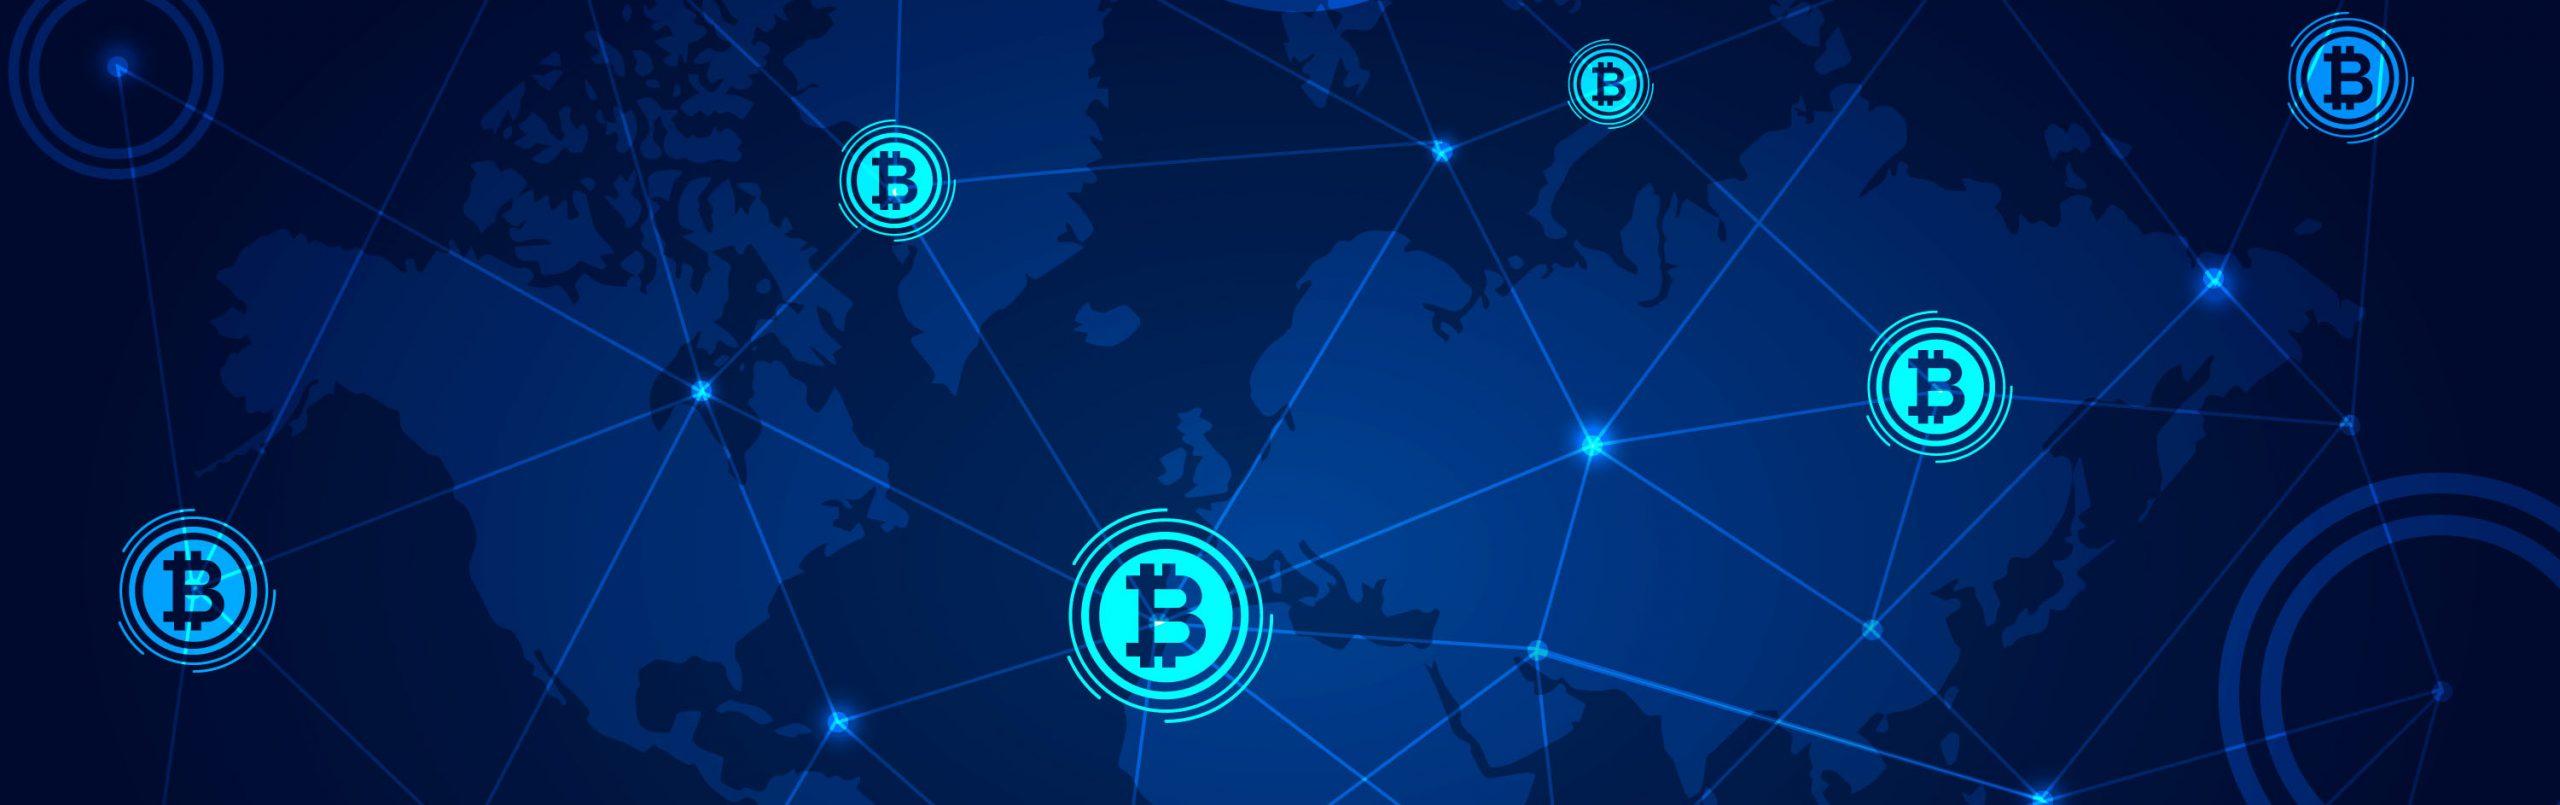 Bitcoin - Un monde décentralisé